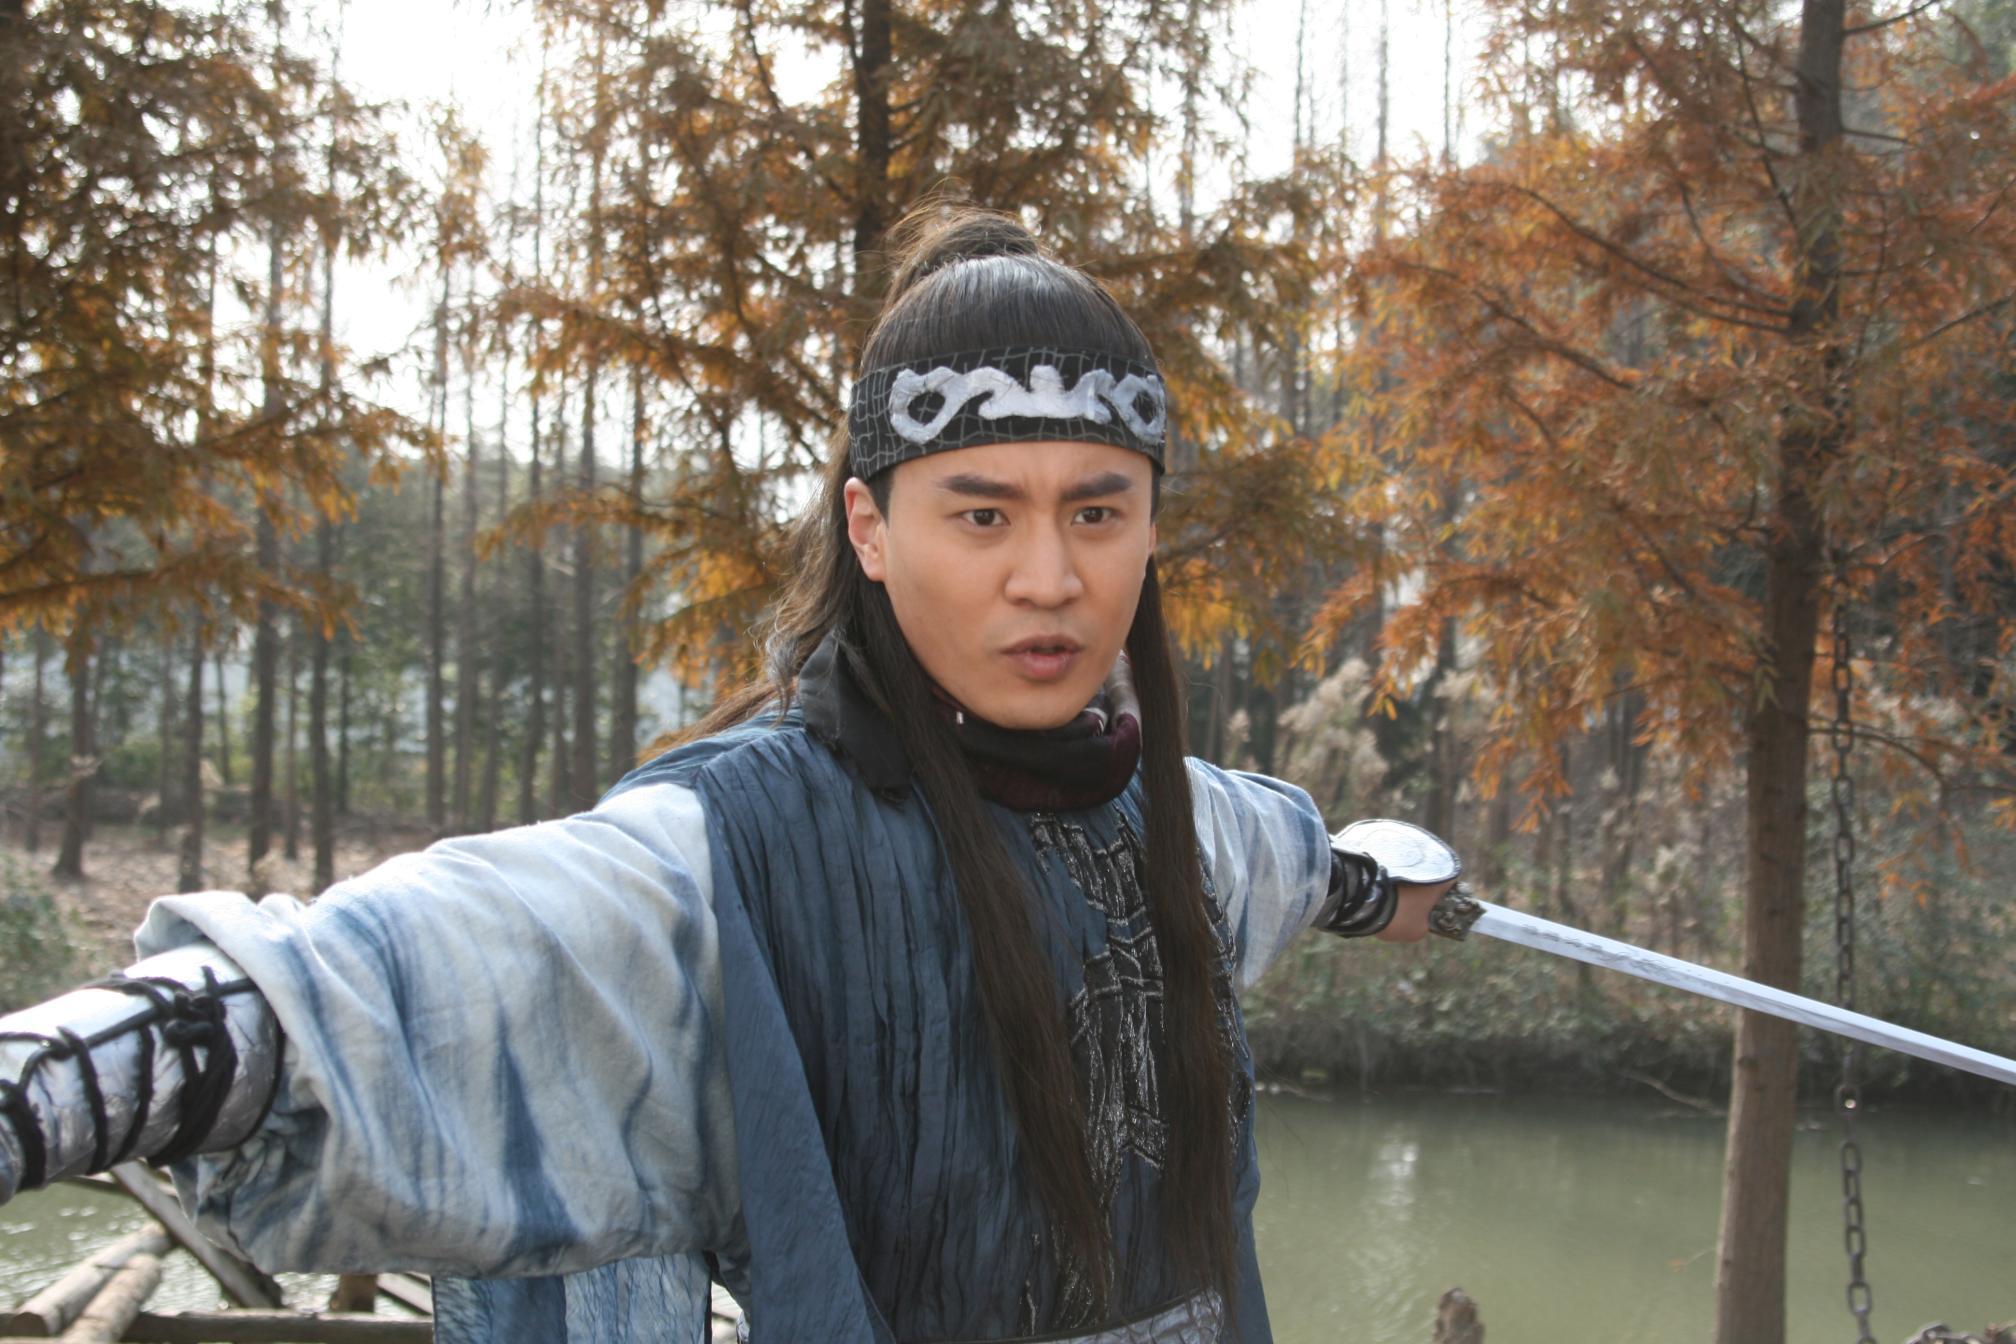 七種武器之孔雀翎劇照 2